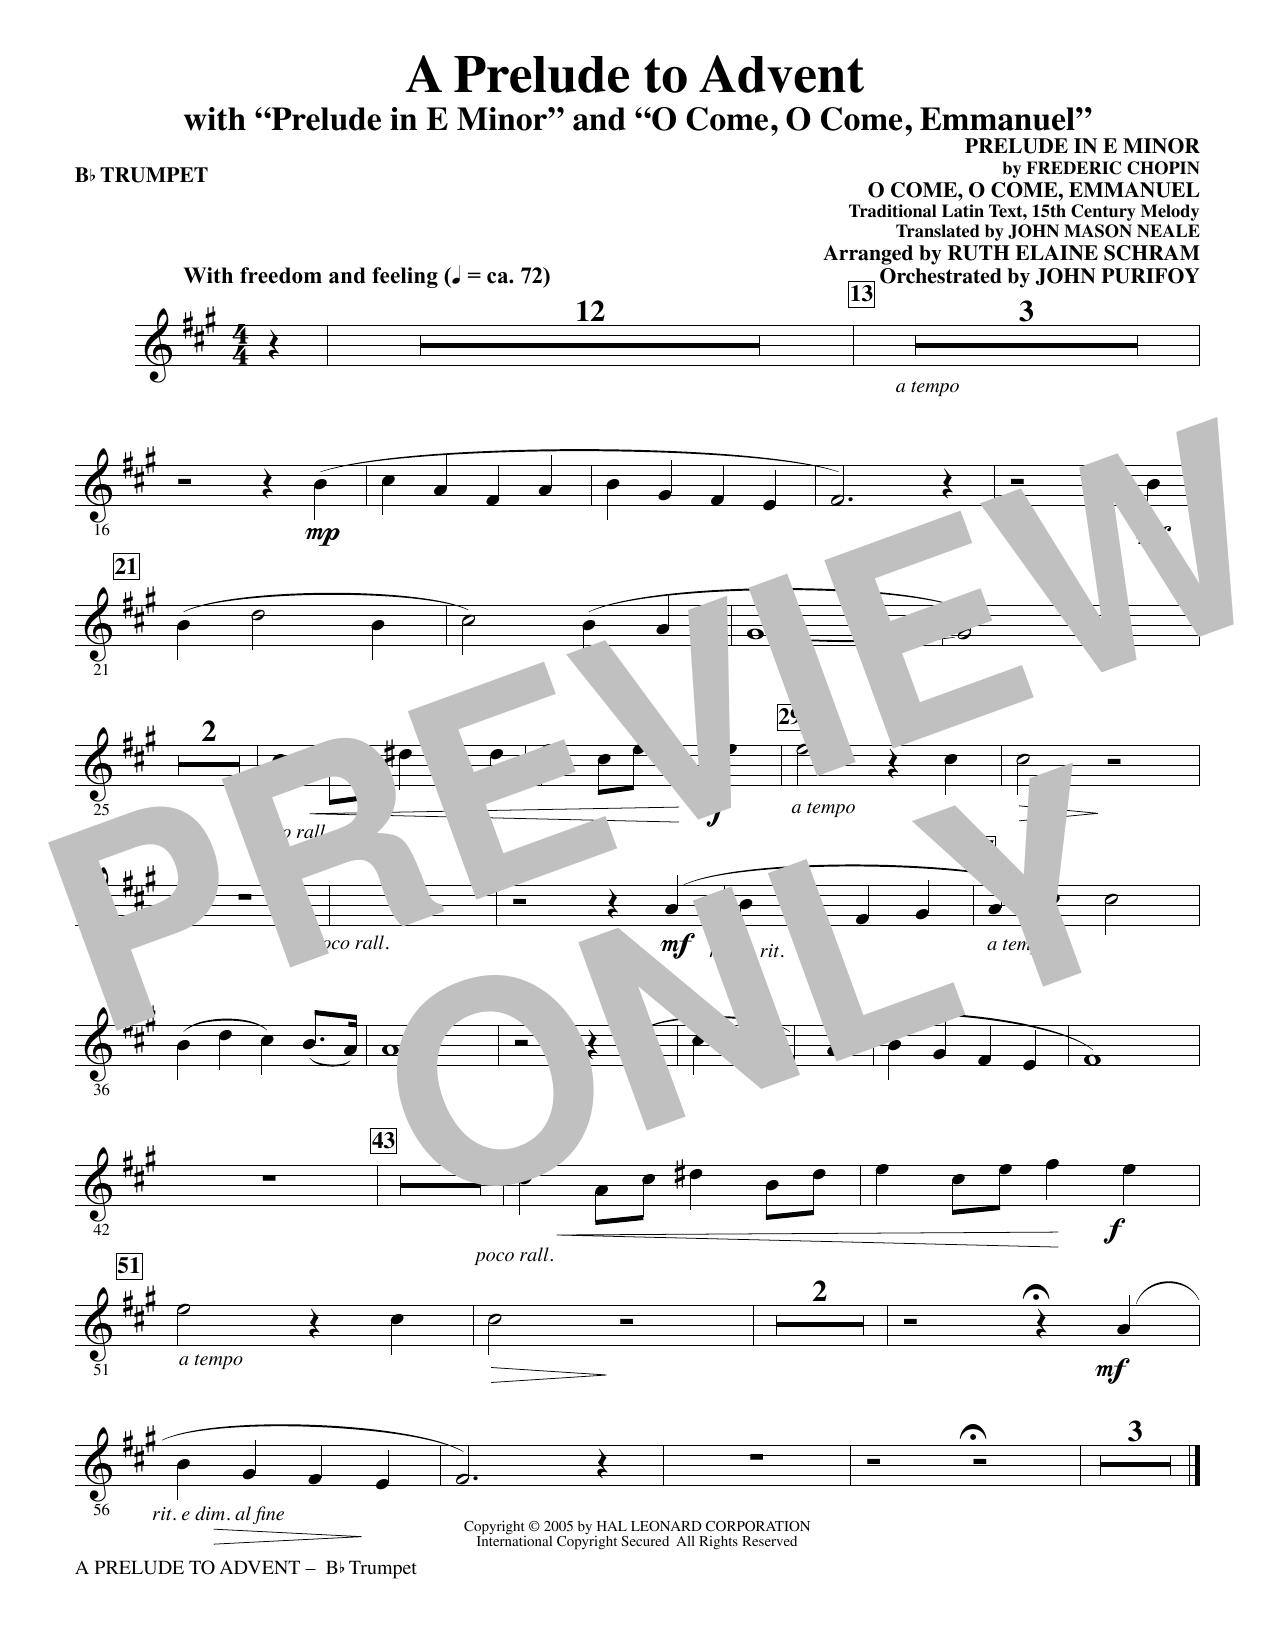 A Prelude To Advent With Prelude In E Minor And O Come O Come